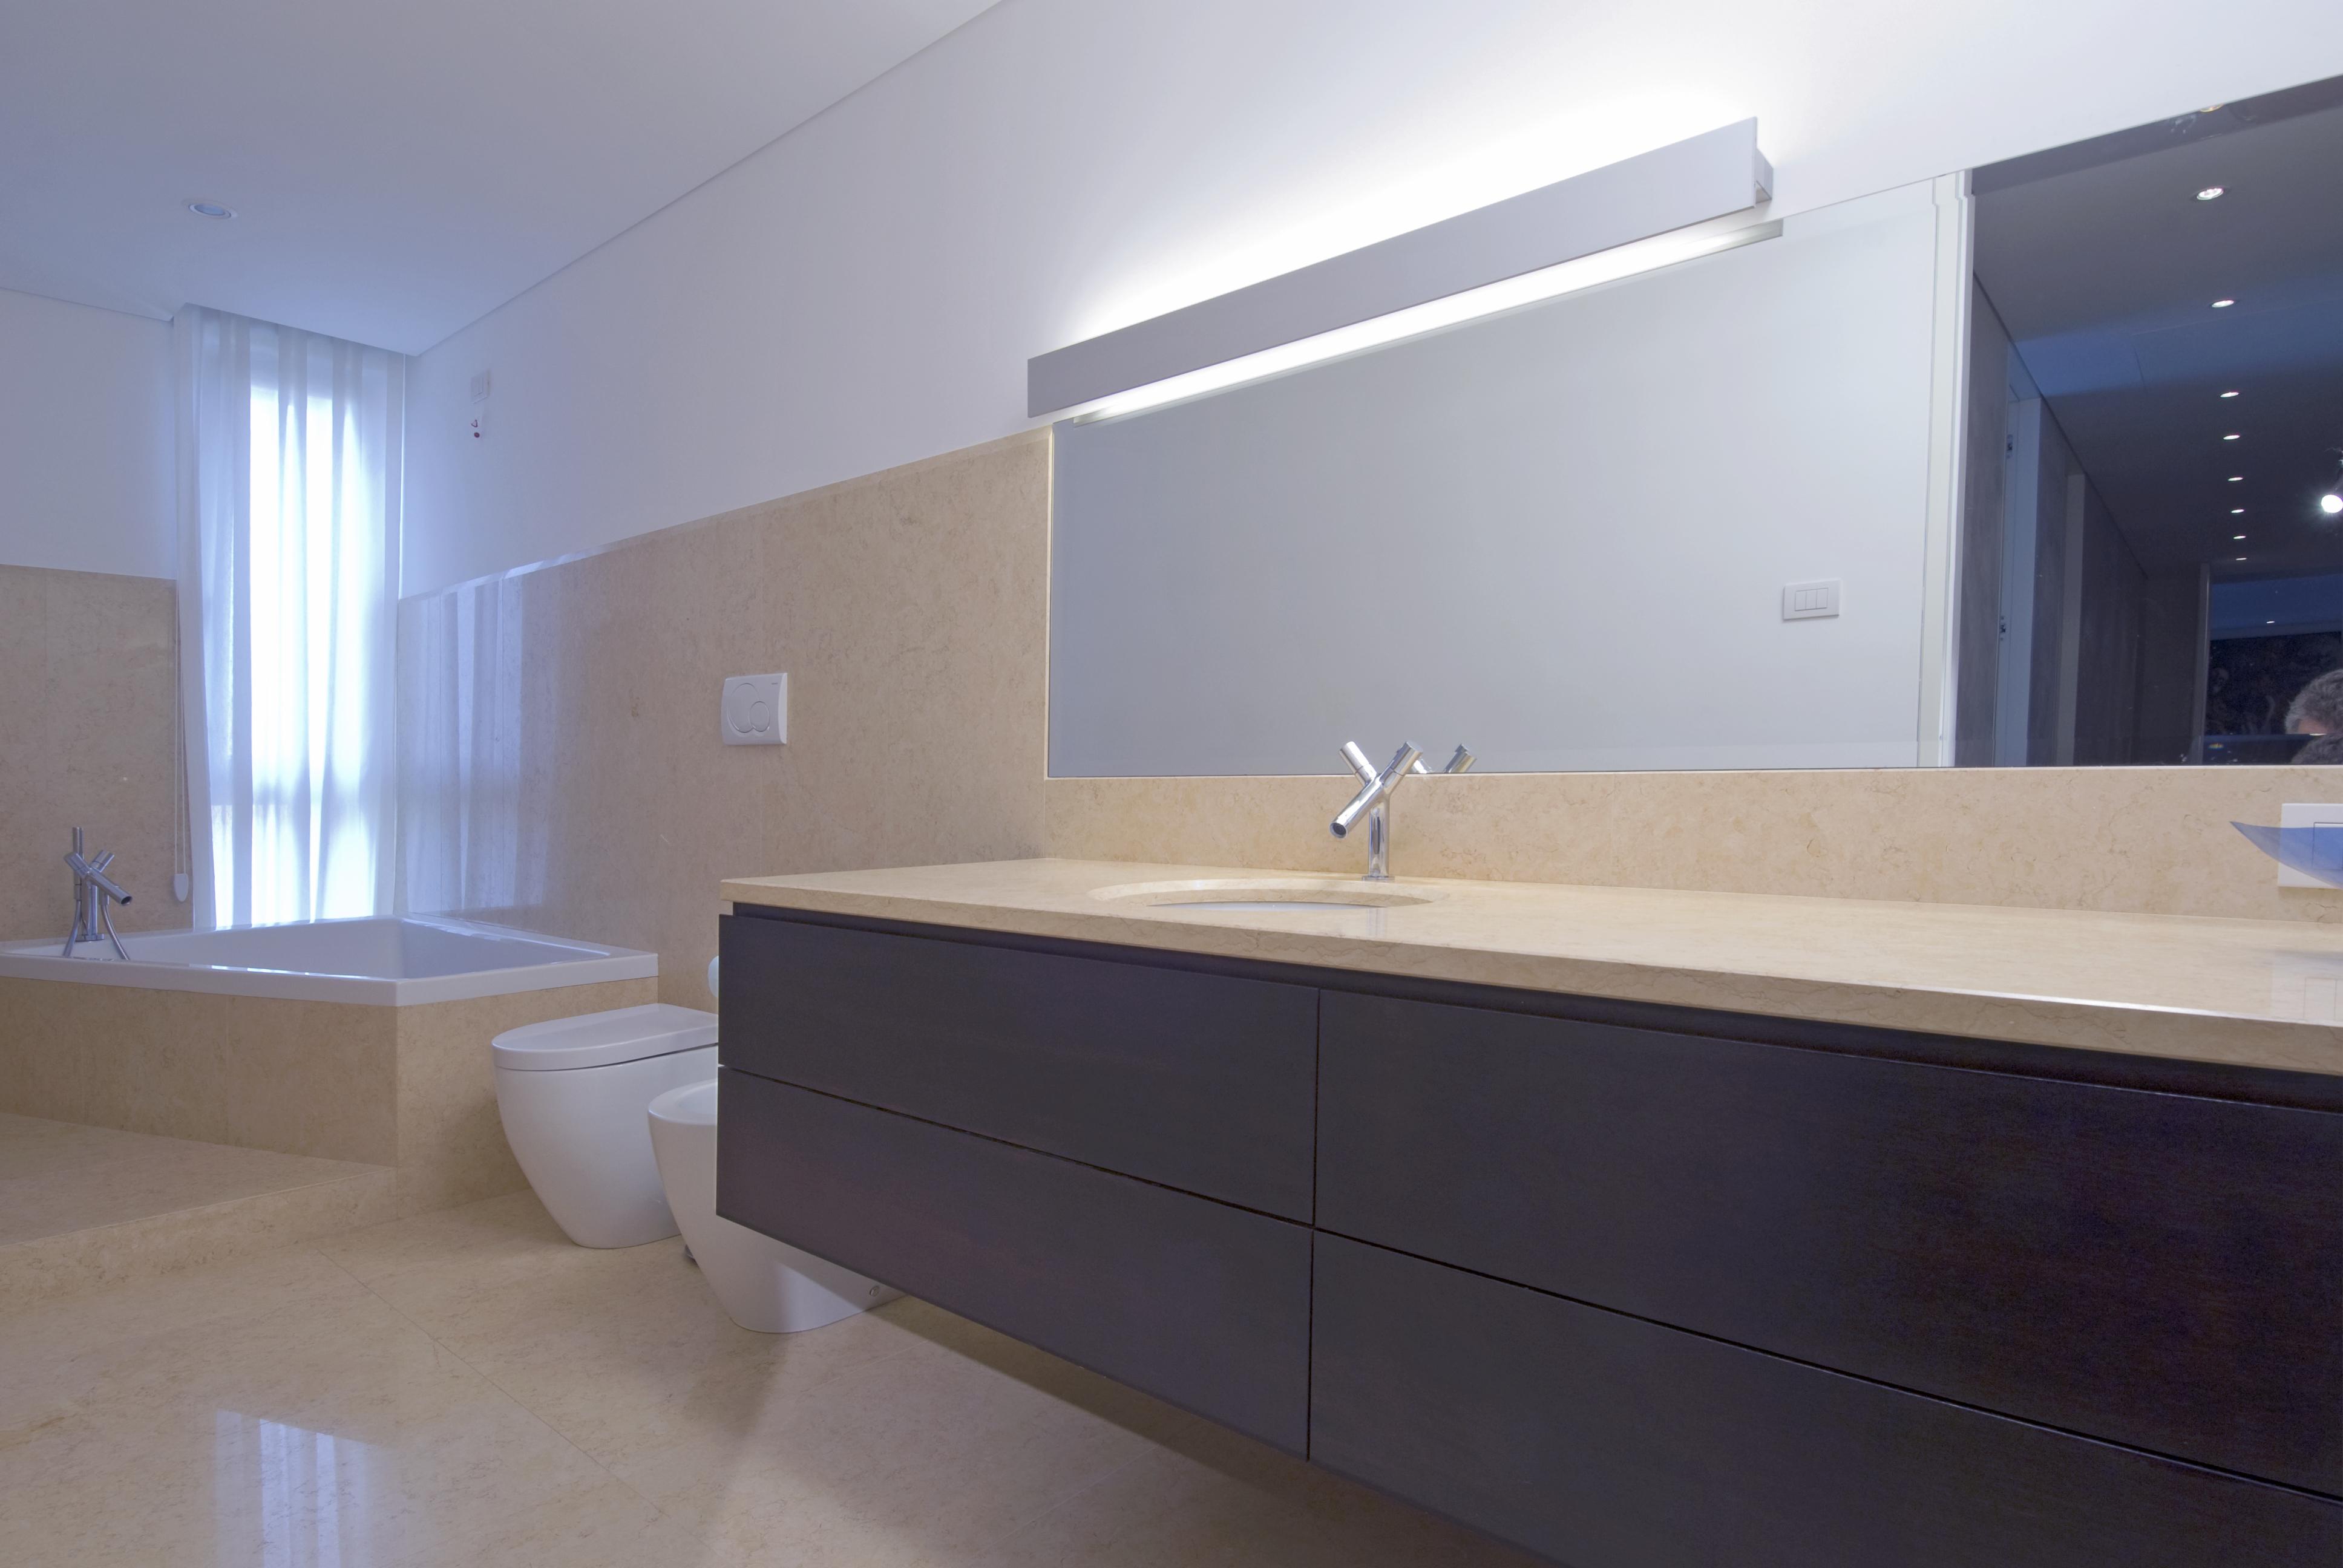 Mobili ed arredo bagno su misura treviso qualità stile e lusso